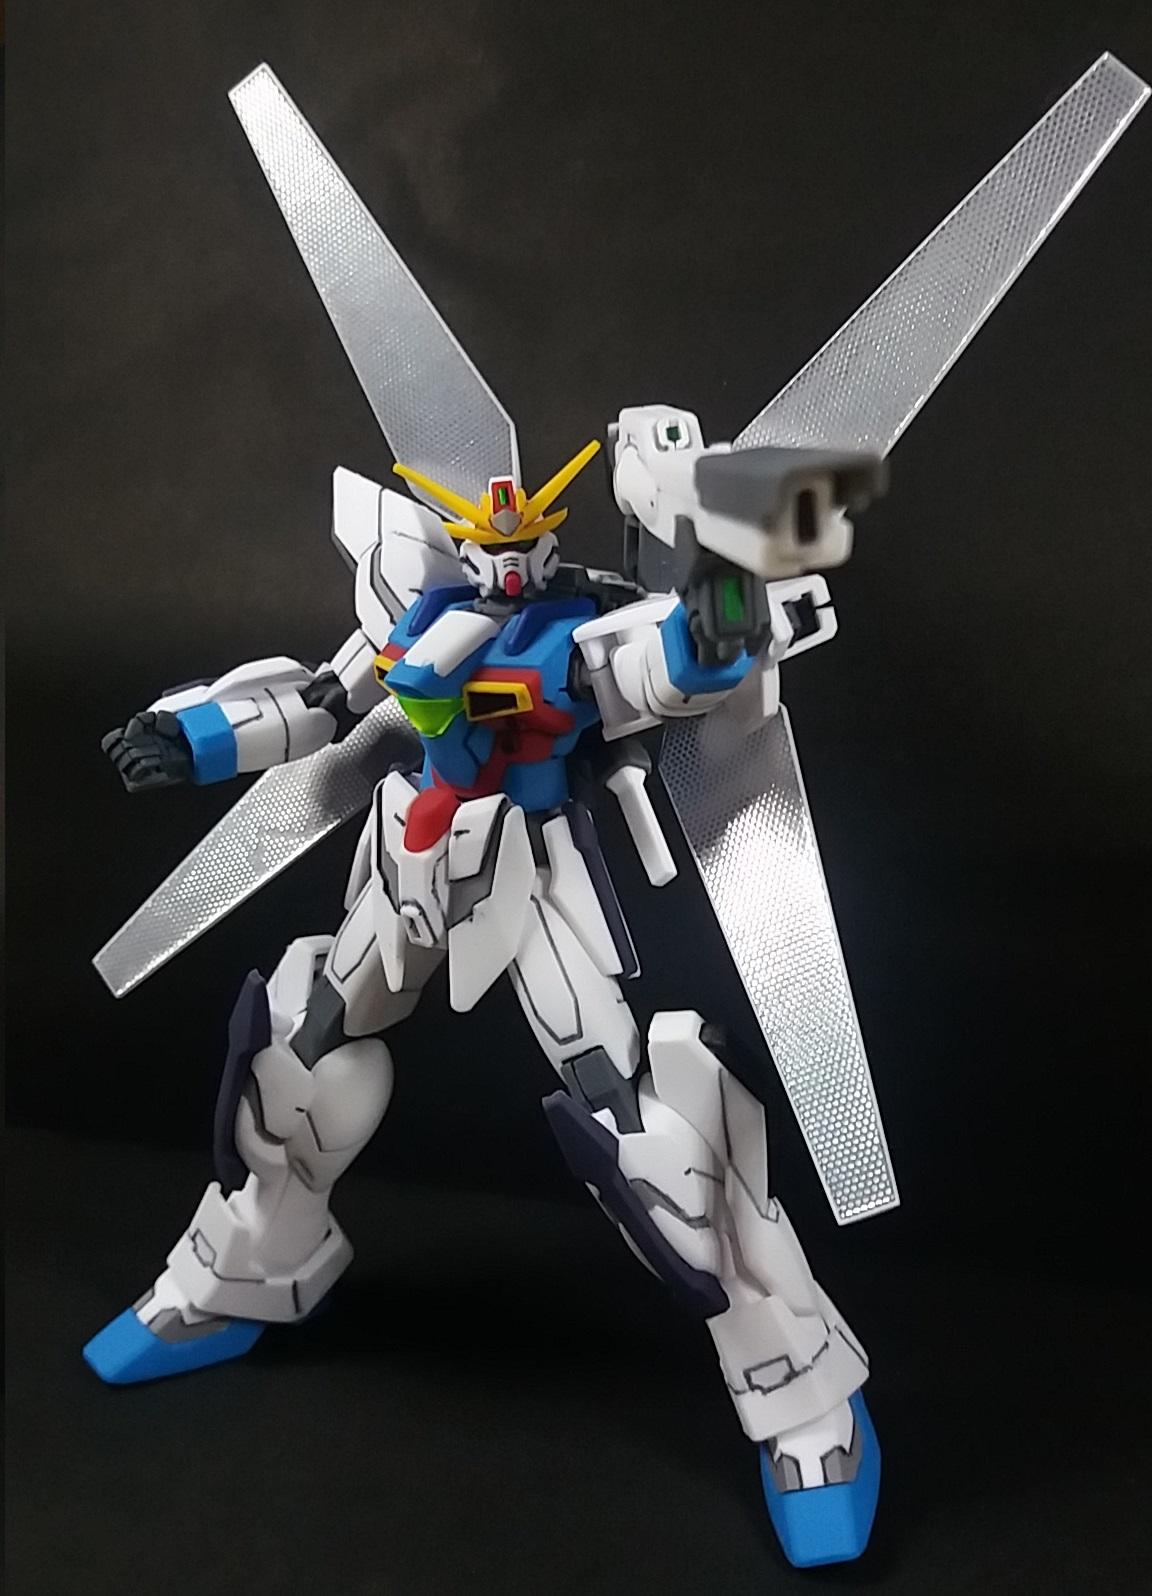 15+ Gundam X Hg Illustration 18